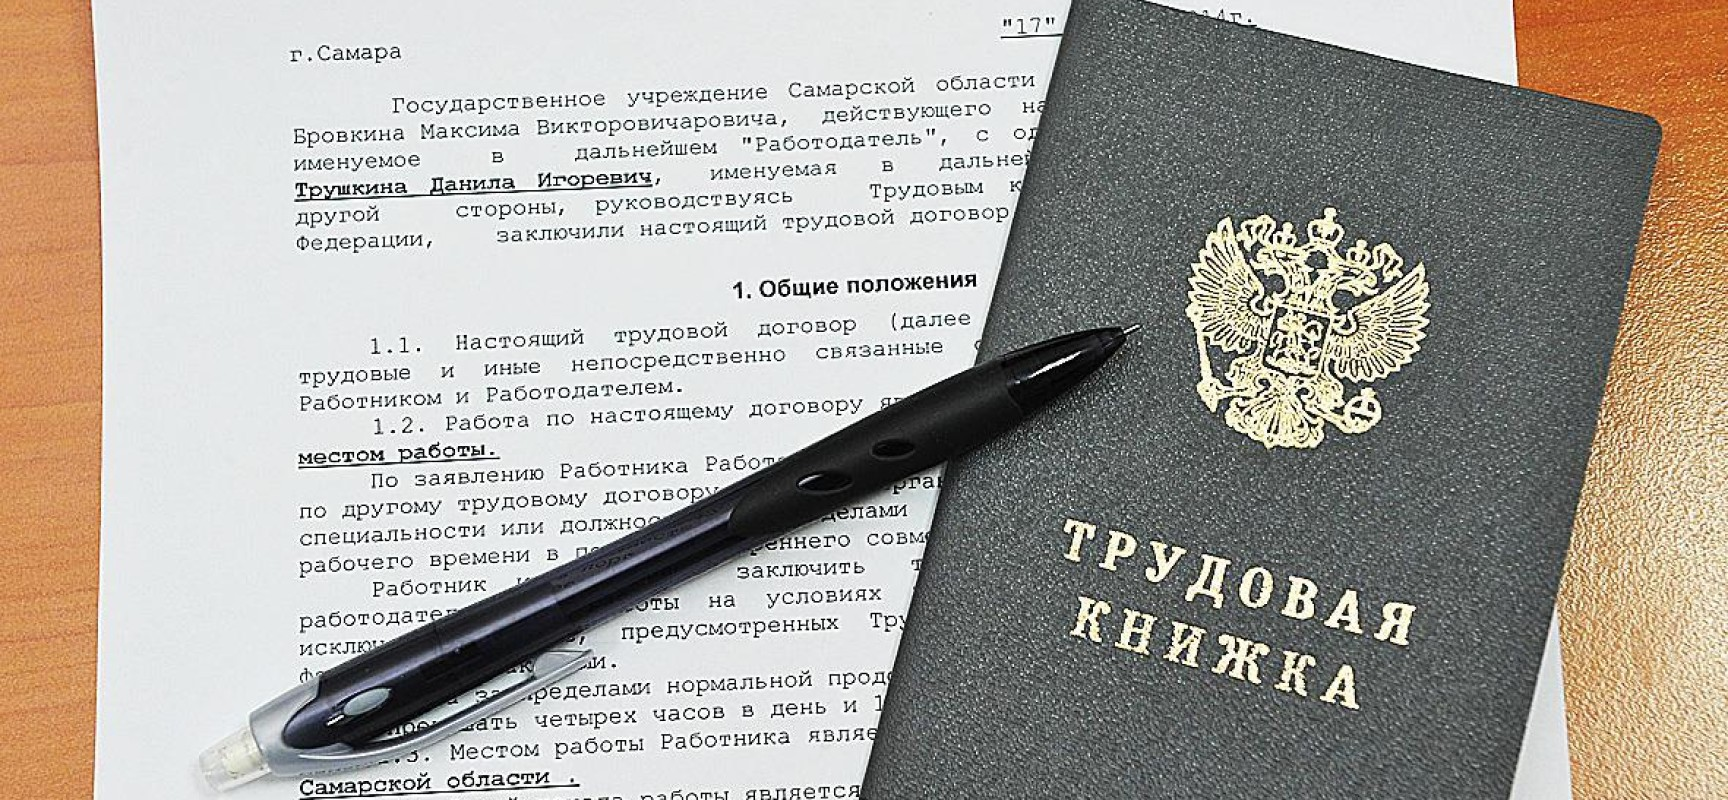 Какие существуют виды трудовых договоров в России?